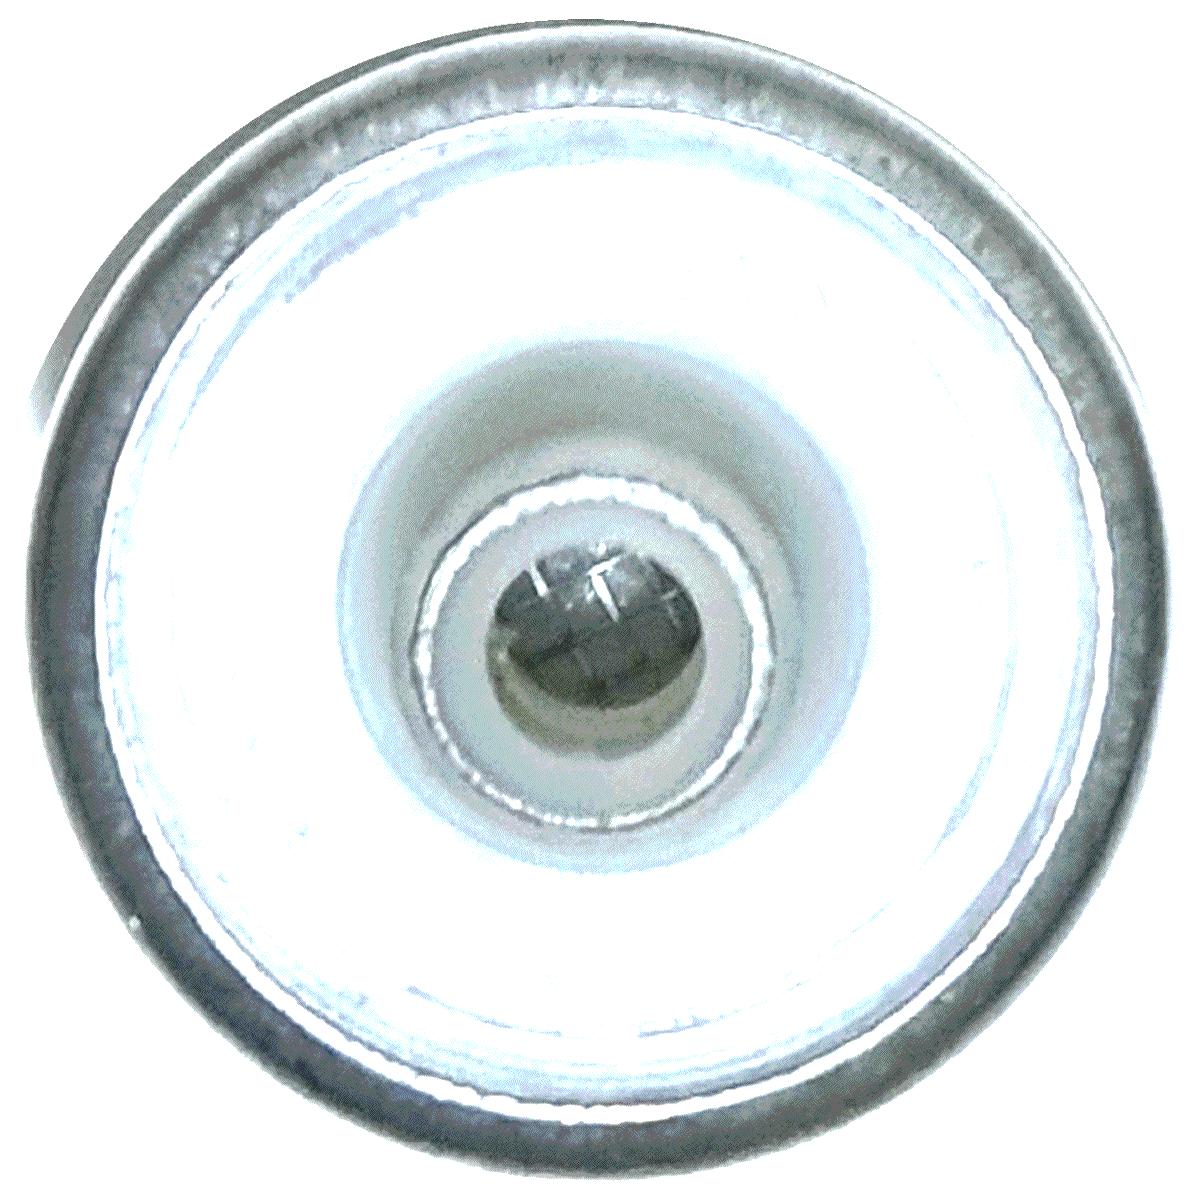 6 Filtros GNV 12 mm TROIAGAS 5ª e 6ª geração protege bicos maioria dos kits